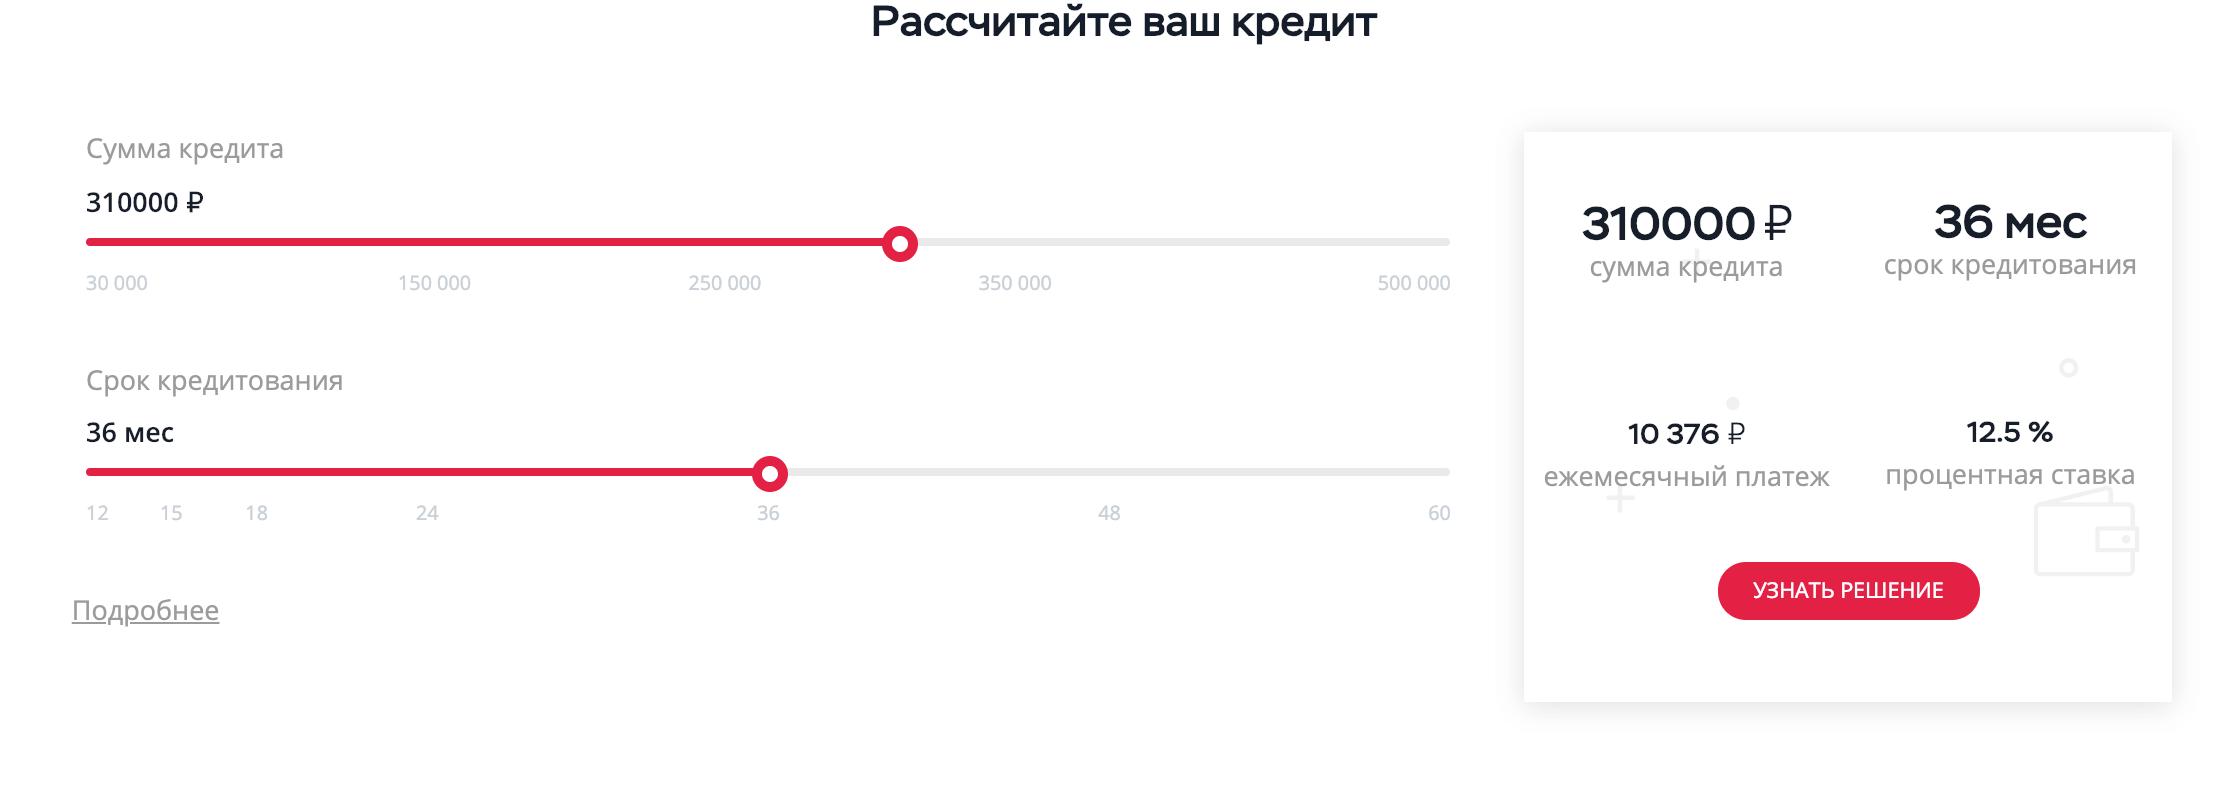 кредит без справок о доходах и поручителей новосибирск с плохой кредитной историей